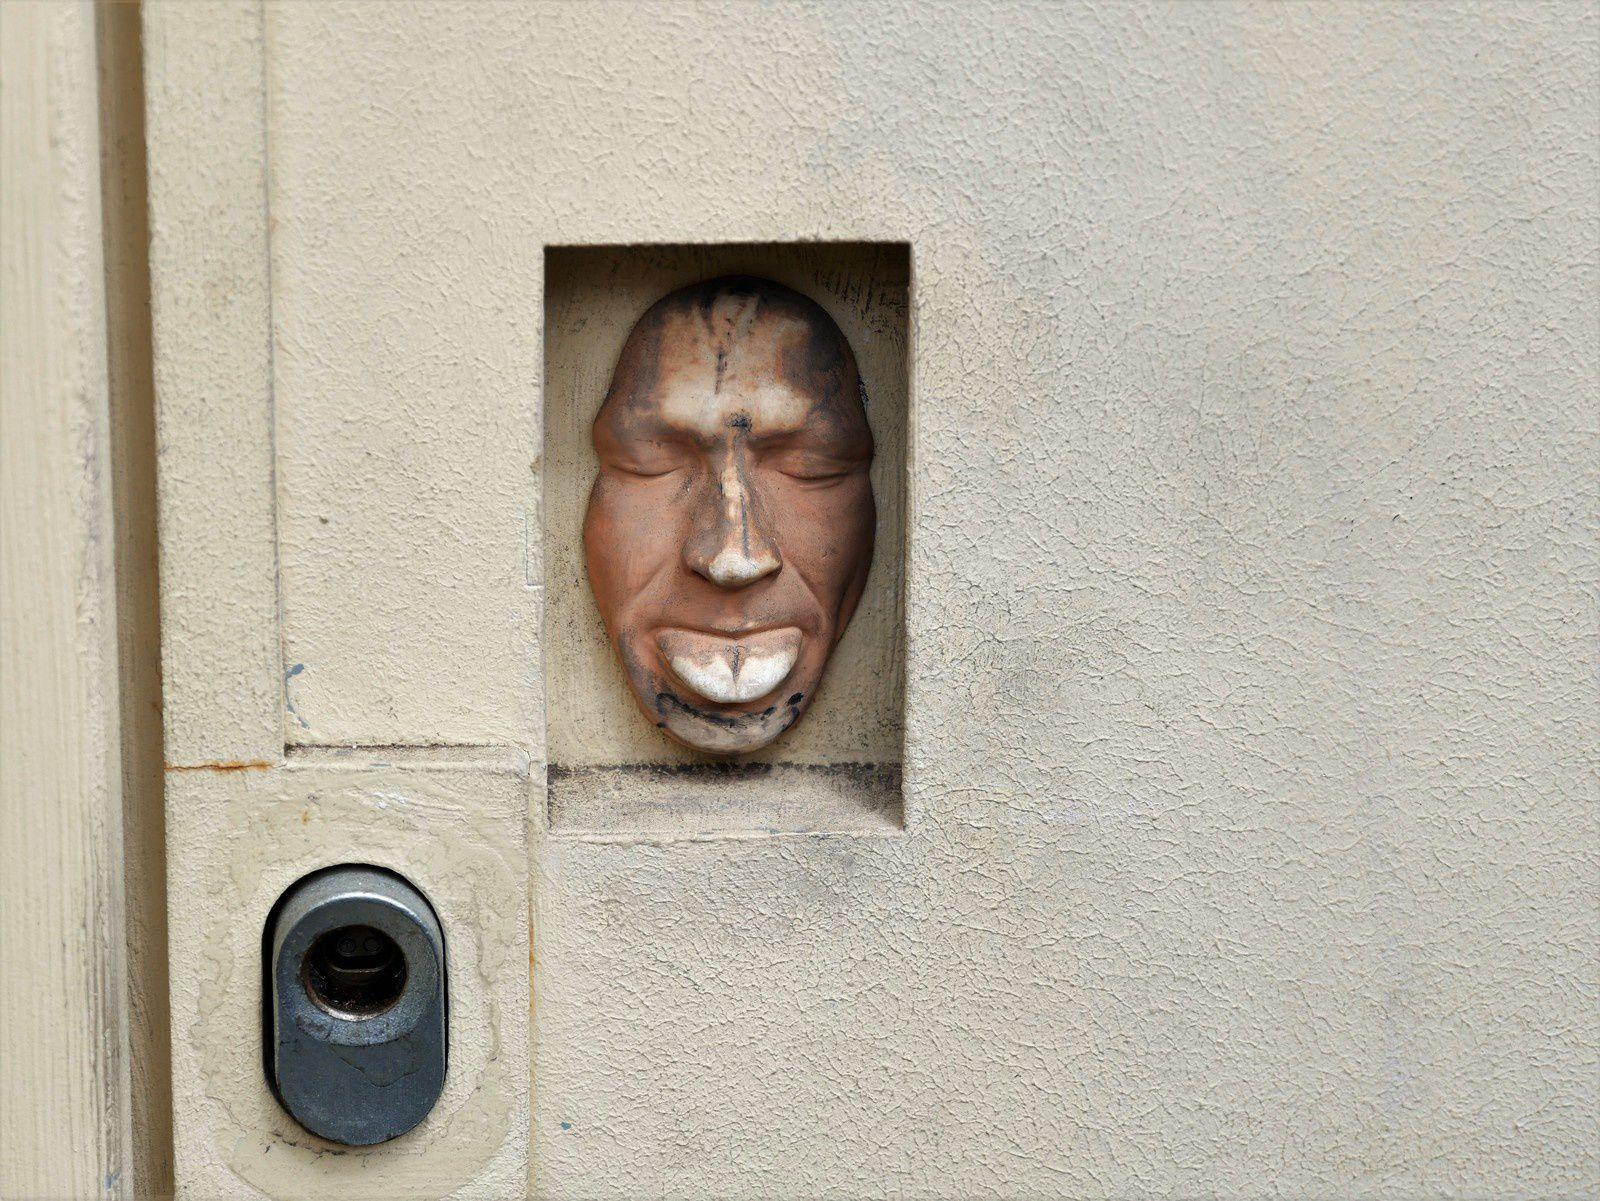 Porte blindée de la banque, rue des Abbesses!